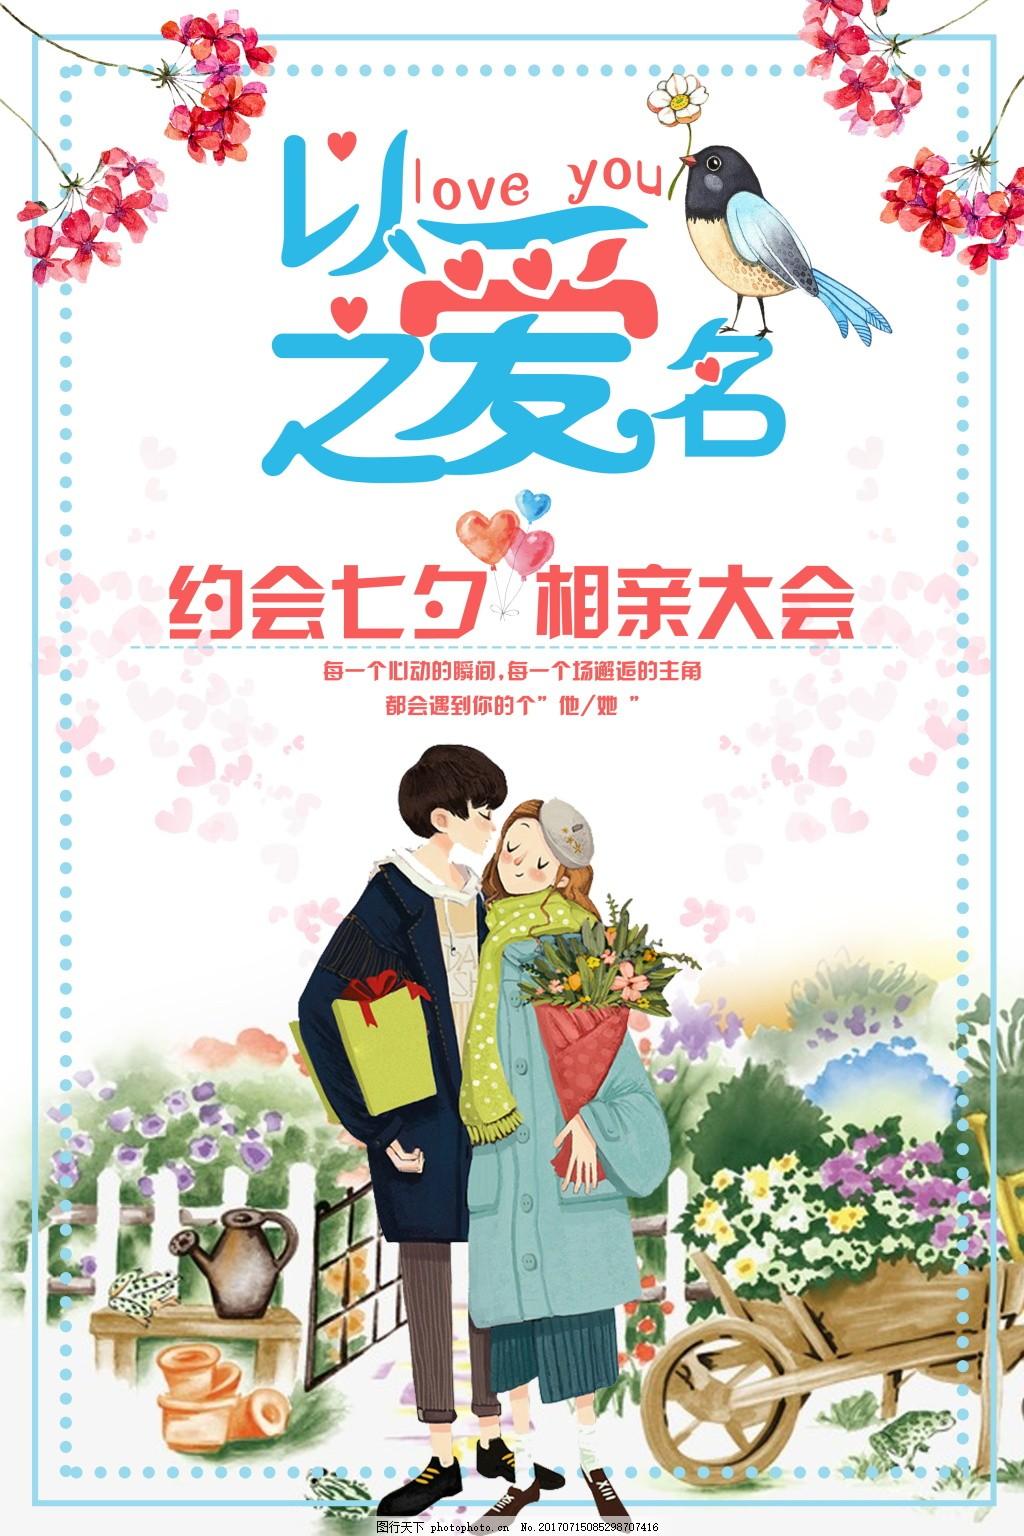 卡通人物七夕节海报 情人节 手绘 插画 以爱之名 爱情 情侣